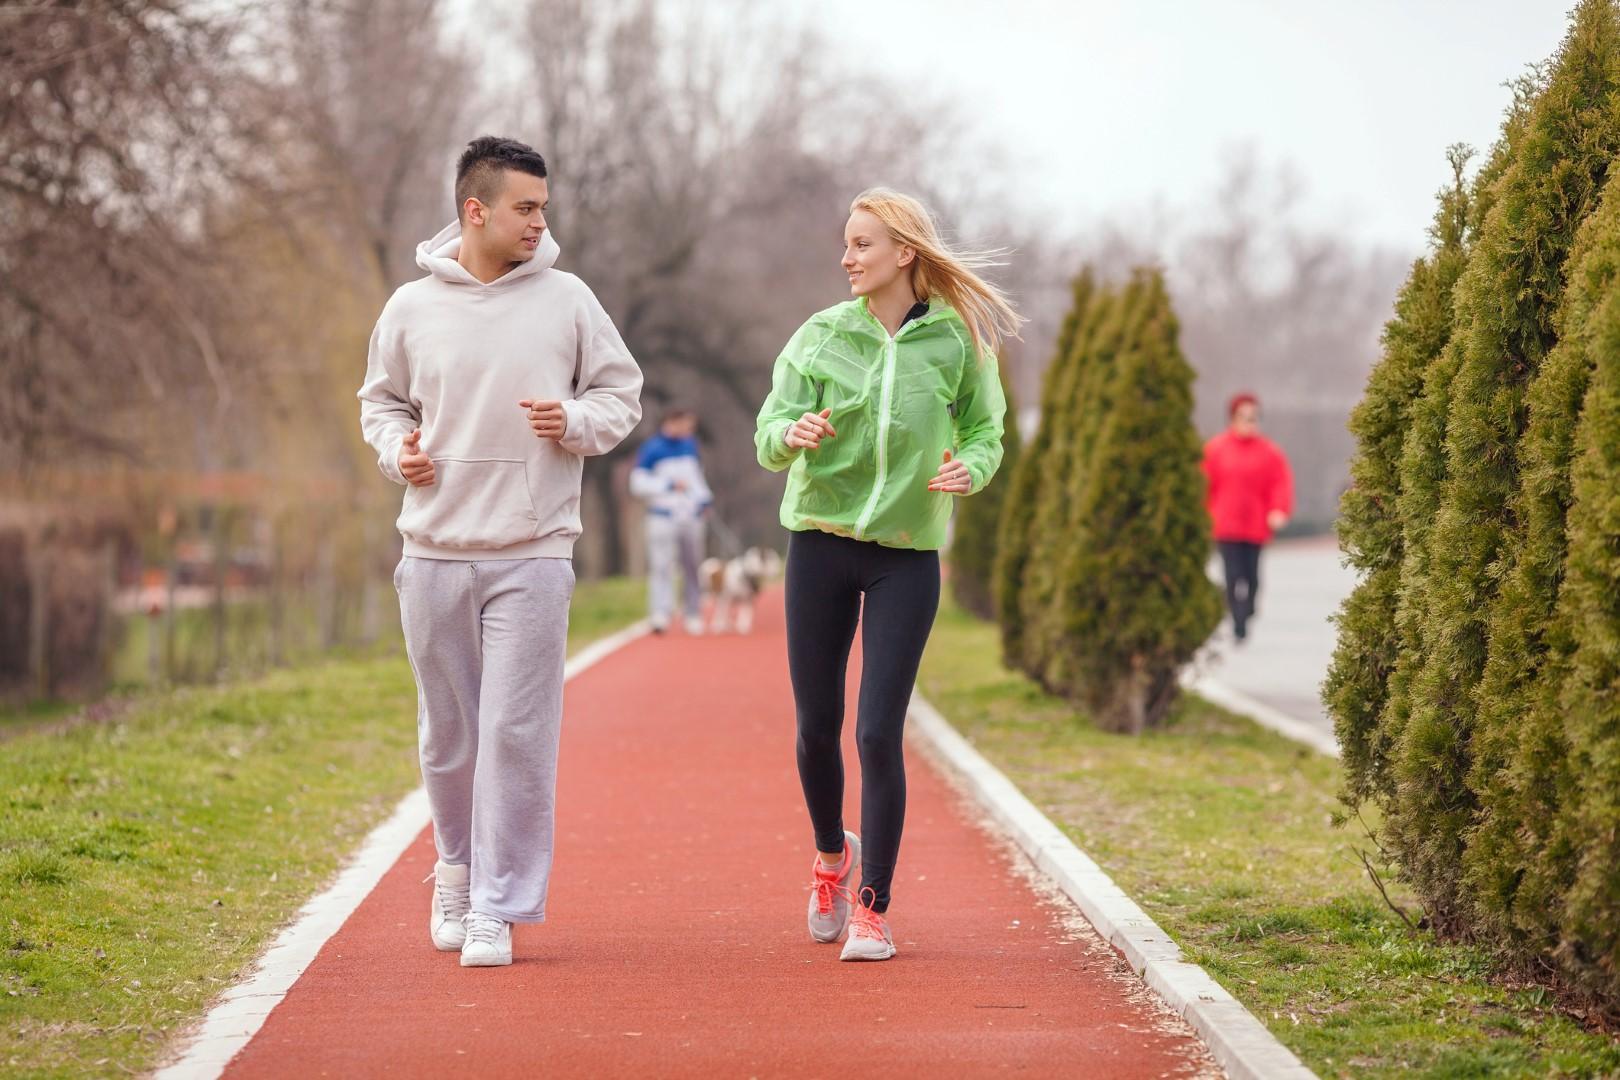 Trasforma la tua camminata in allenamento